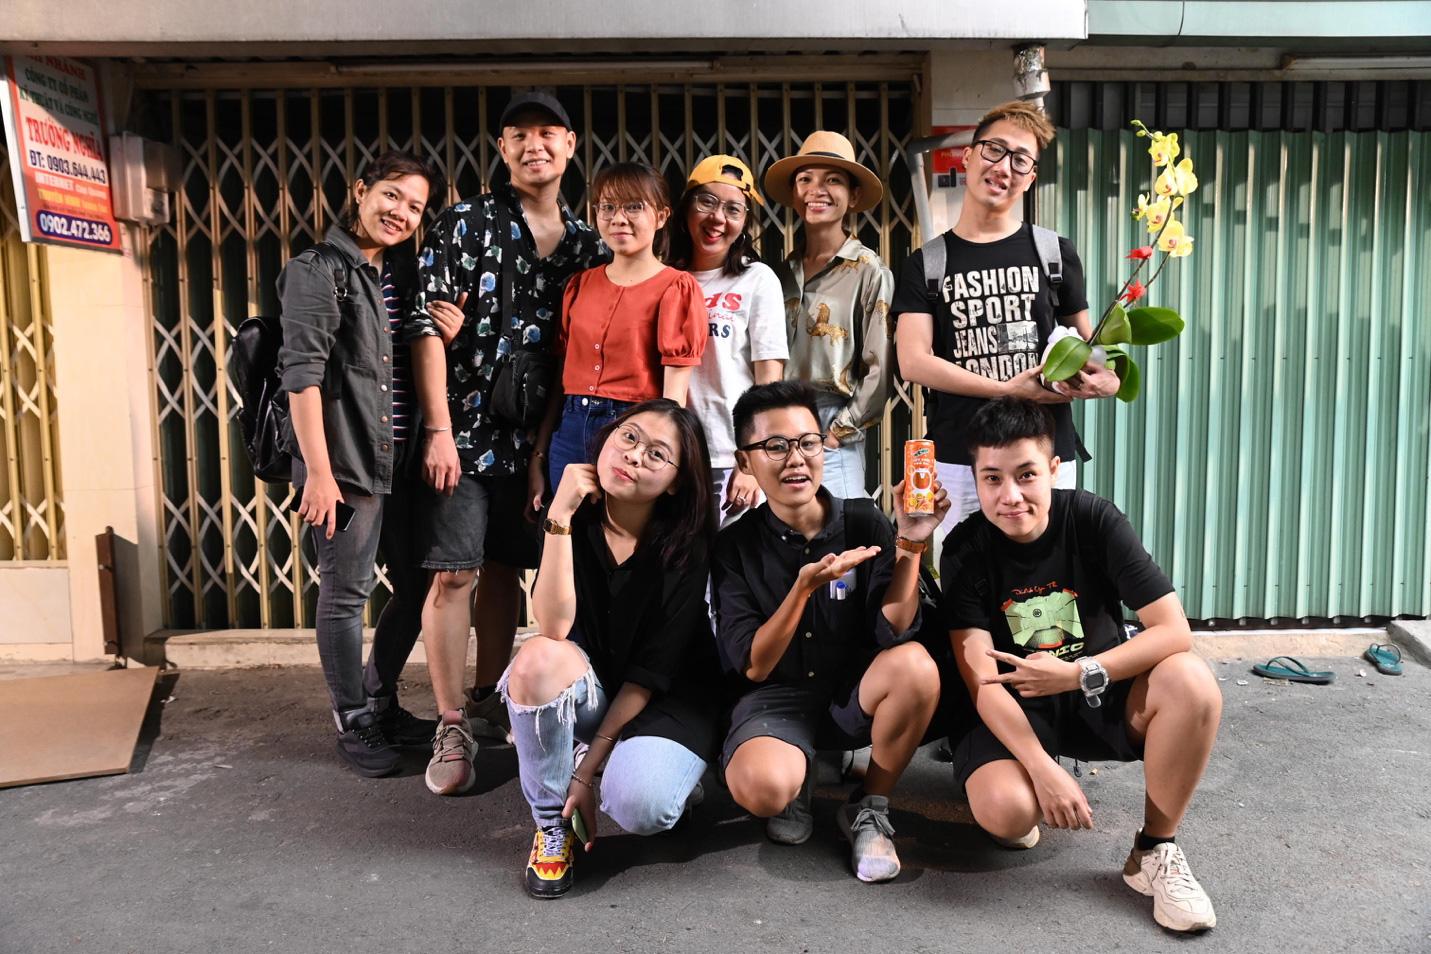 Trúc Nhân chơi lớn mùa Tết khi hợp tác cùng nhạc sĩ, đạo diễn đứng sau hàng loạt MV triệu view - Ảnh 2.